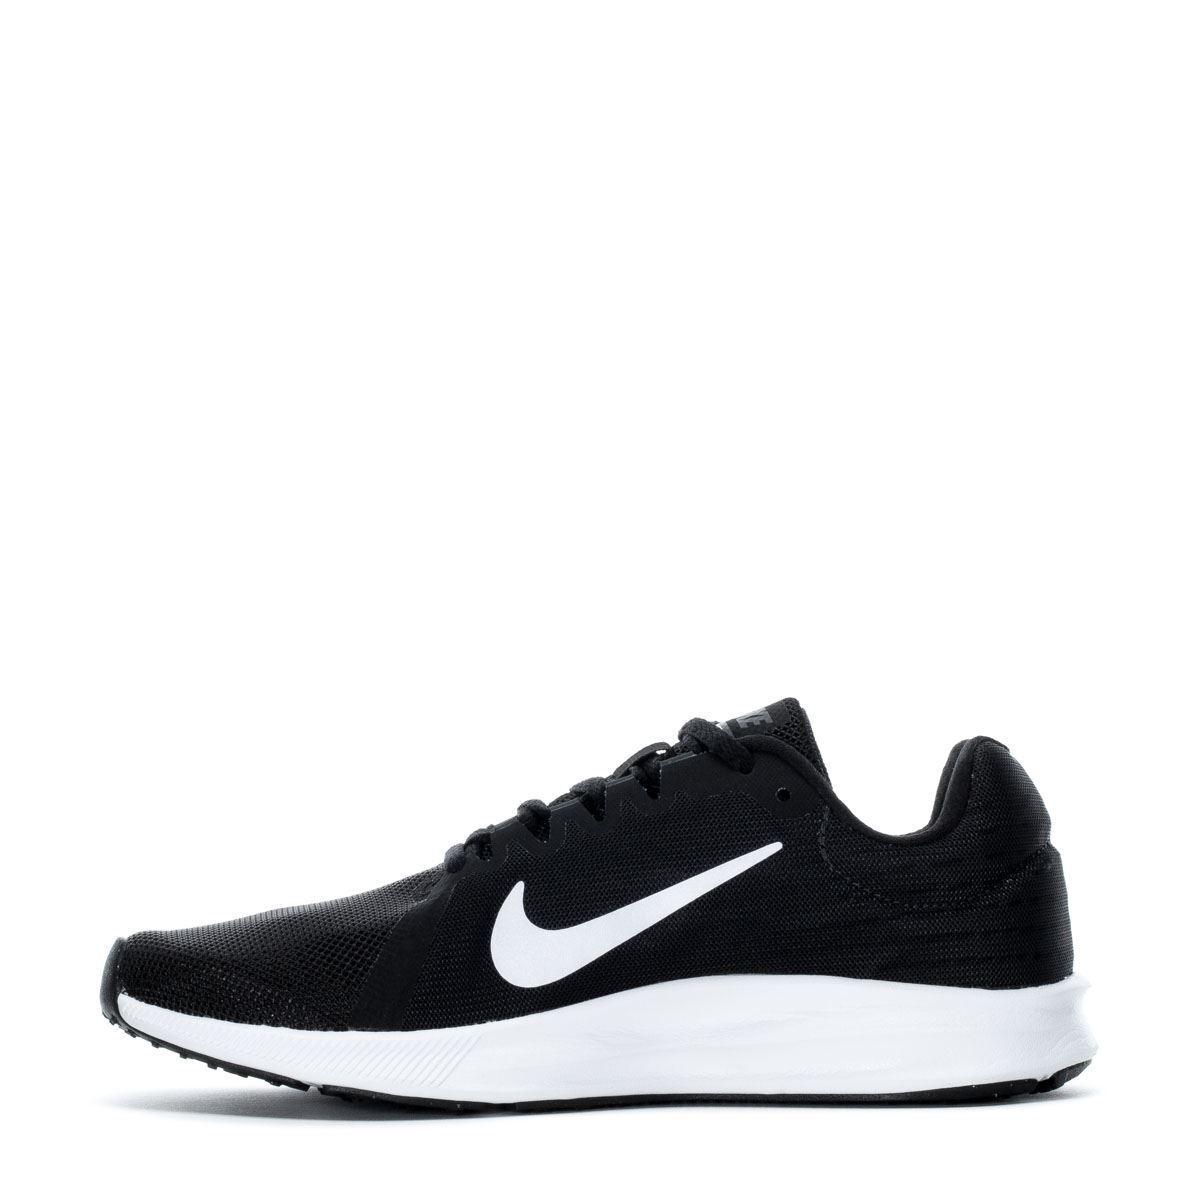 Nike downshifter 8 donne donne donne scarpe da corsa (b) (001)   risparmiare | Aspetto Gradevole  | Scolaro/Ragazze Scarpa  62ef7c